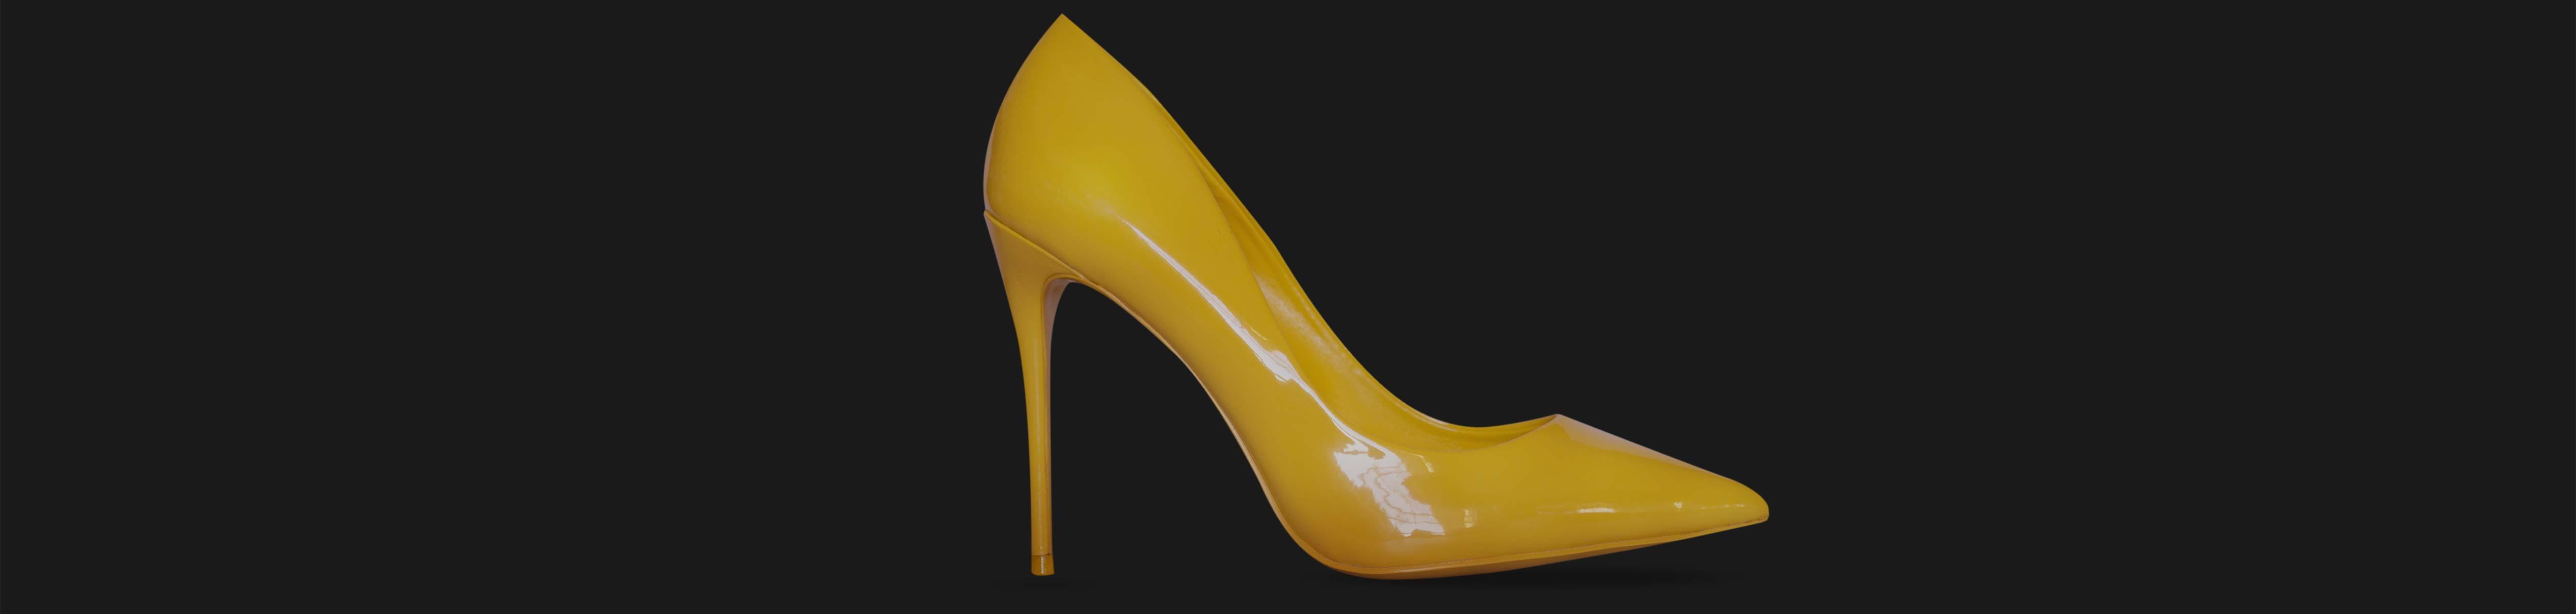 High heel fashionable yellow shoes Oversal